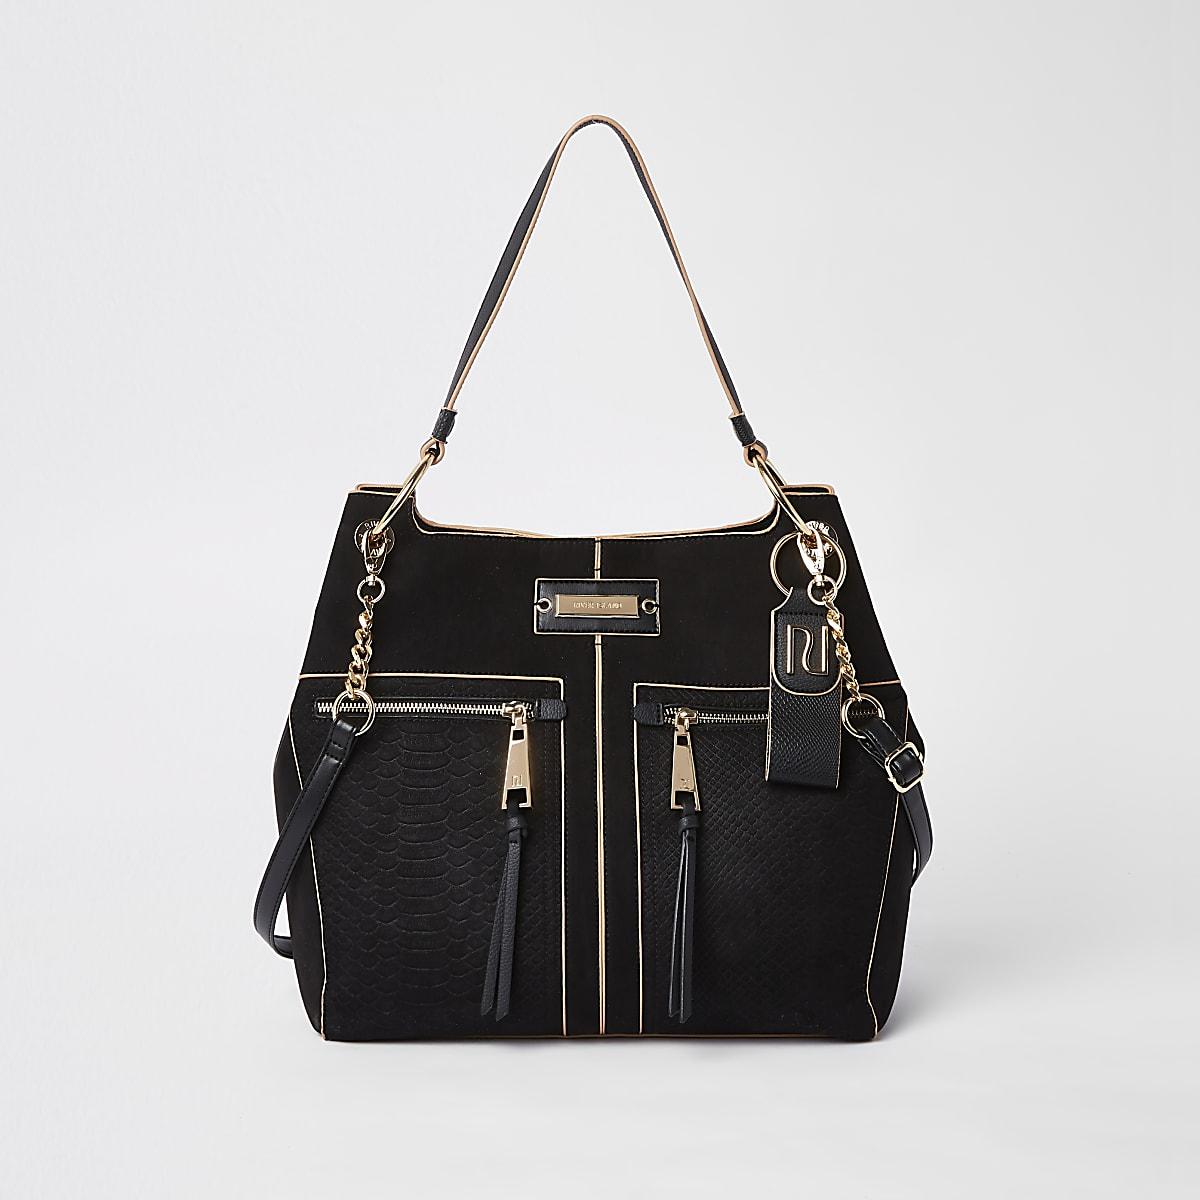 Zwarte tas met rits voor